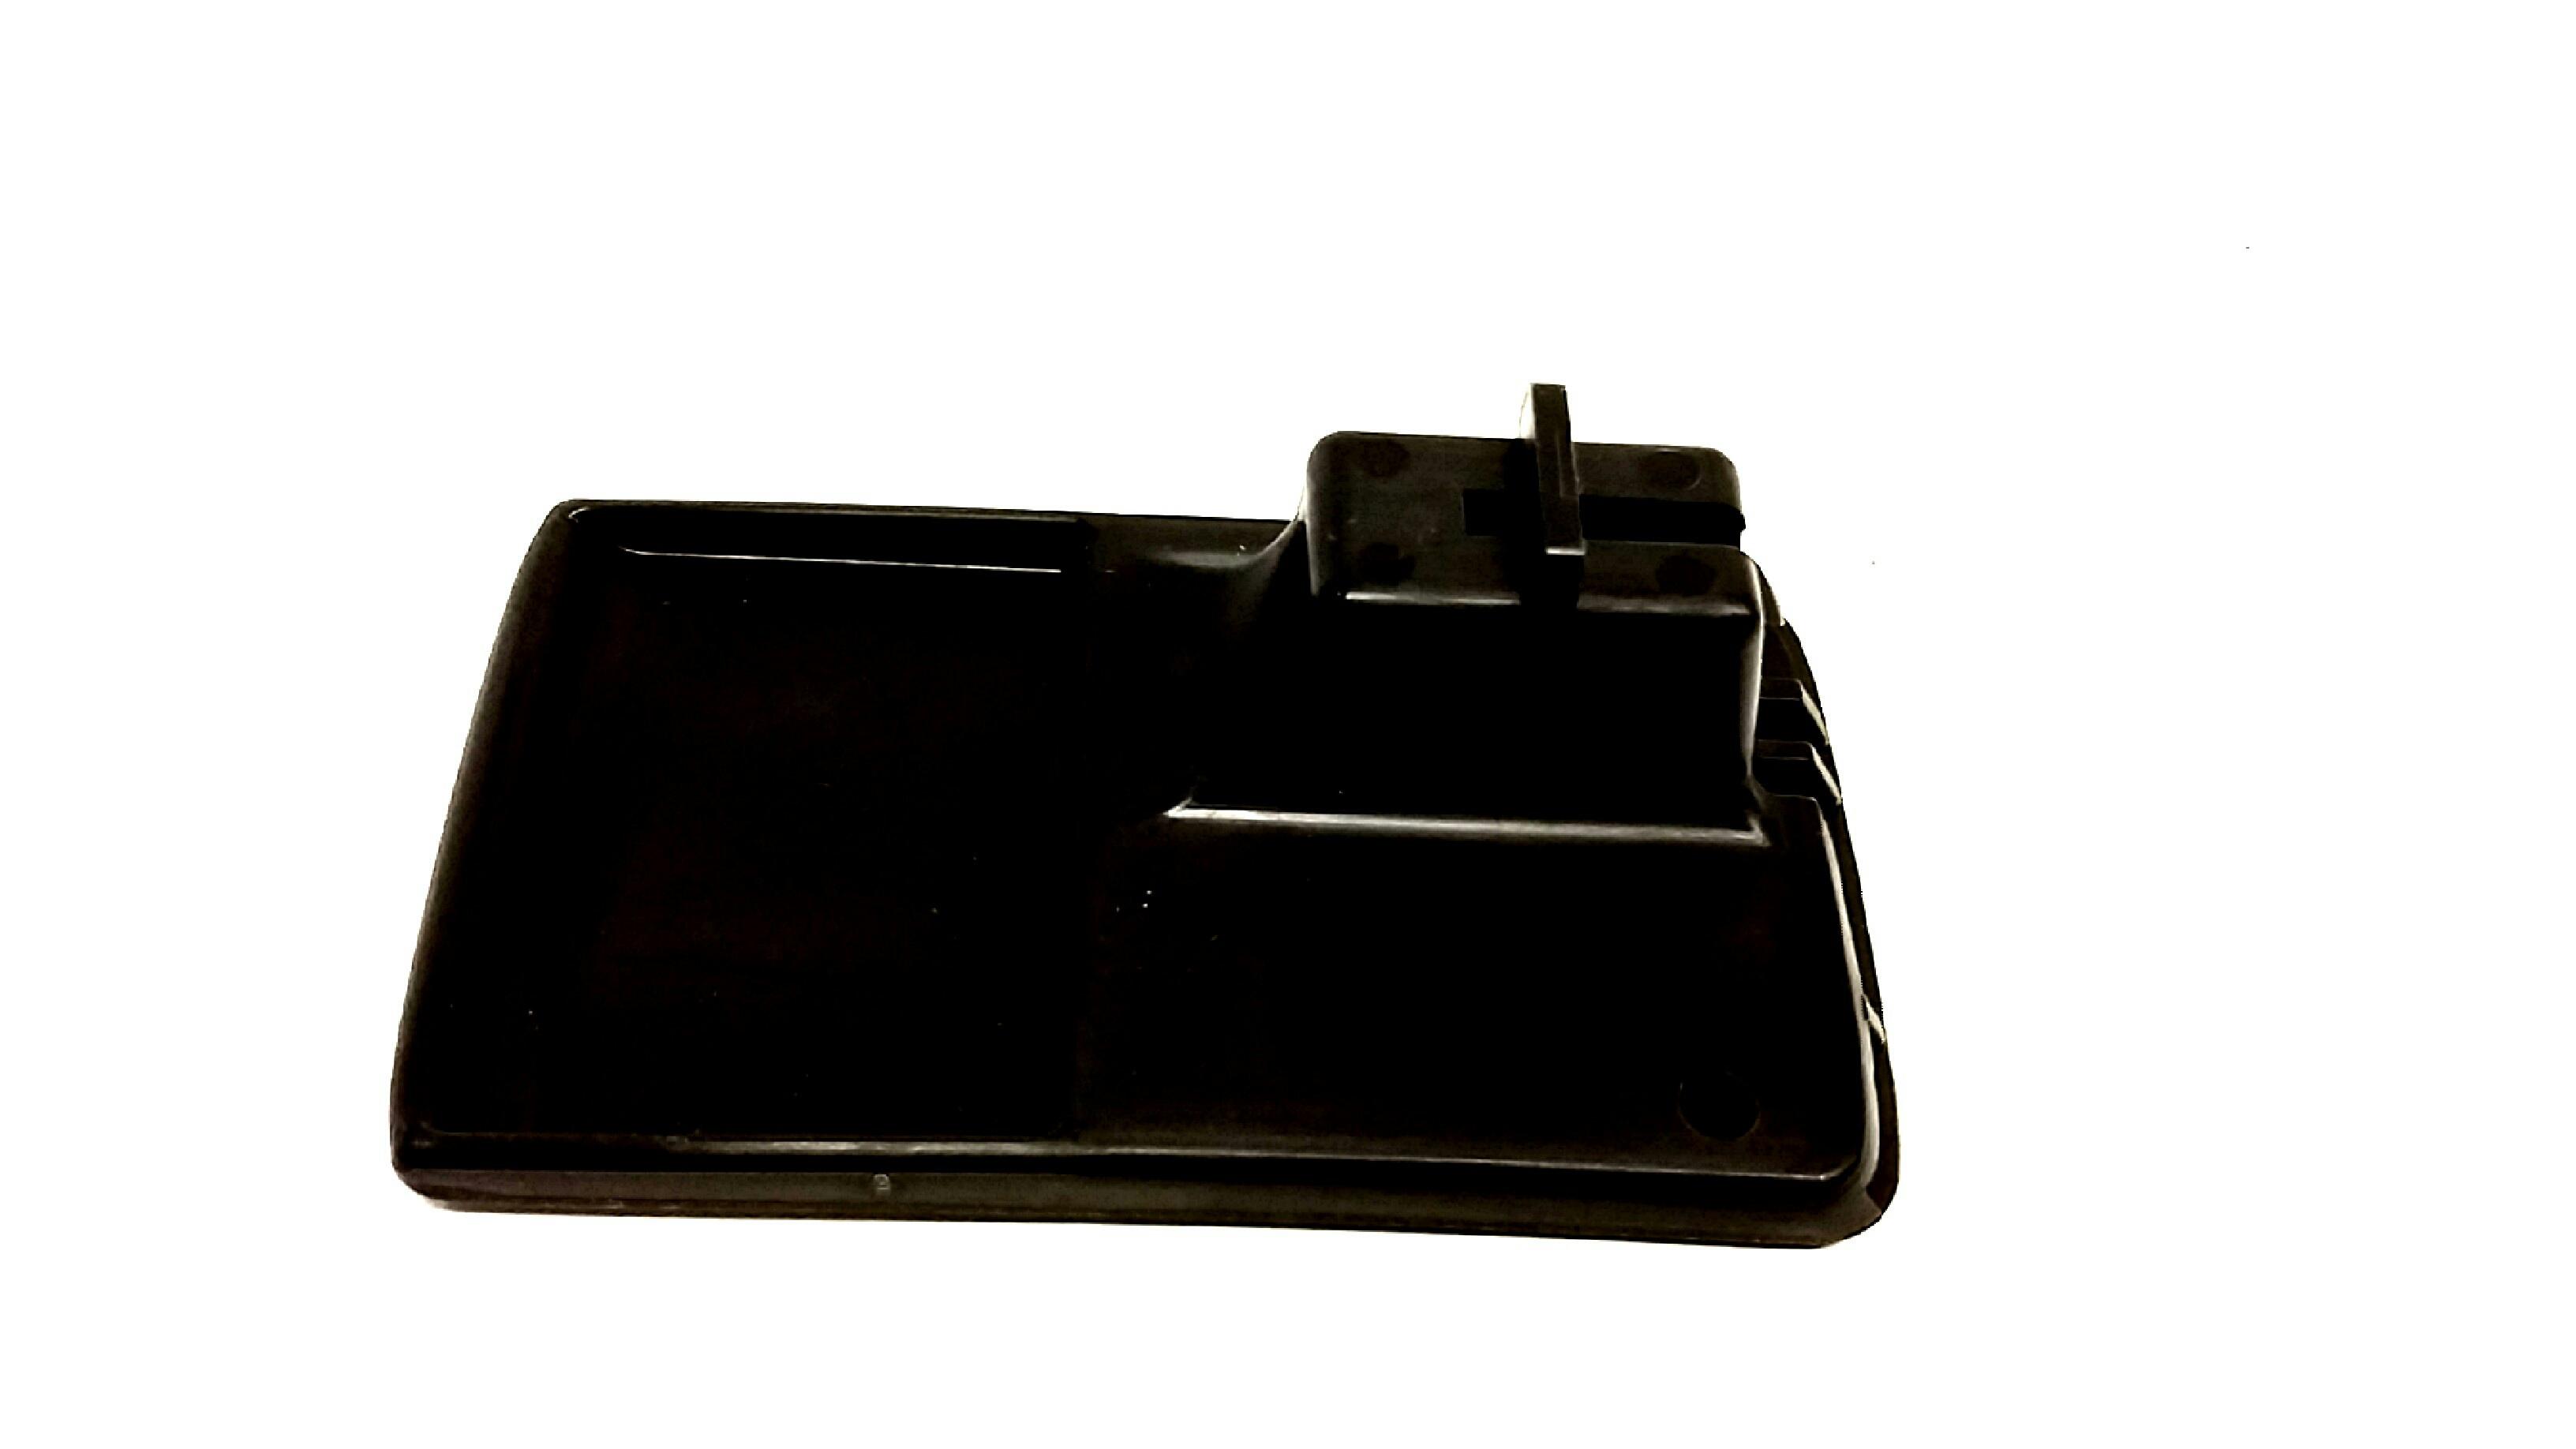 Subaru Outback Fuel Door Release Handle  Off Black  Black